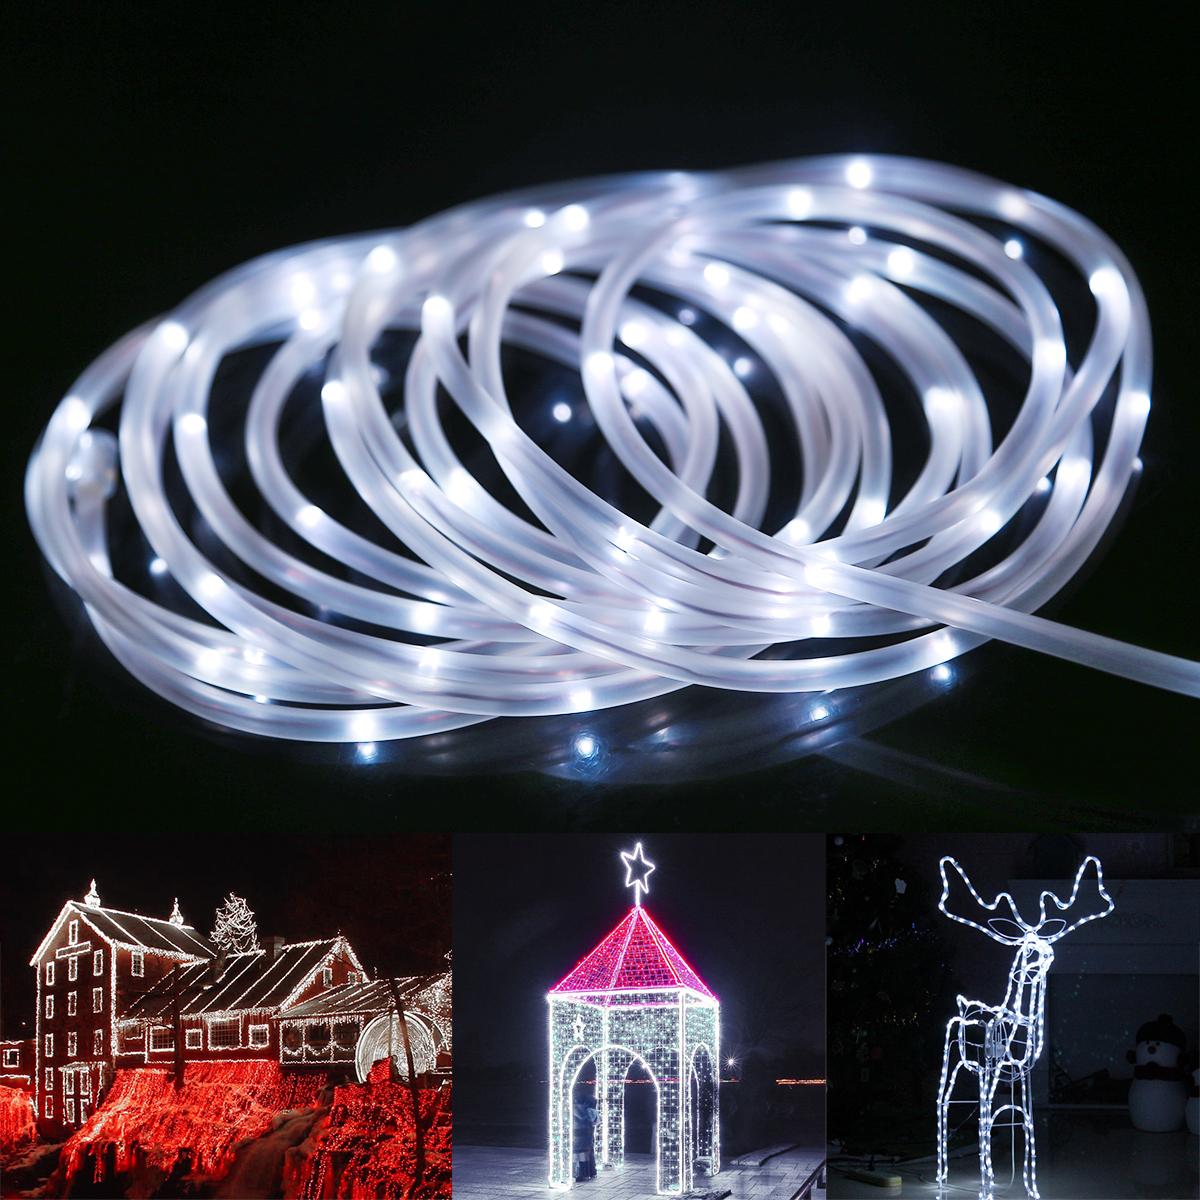 LED Lichterschlauch, 10M 120er LEDs, Kaltweiß, 8 Modi mit Memory-Funktion, Innen/ Außen Party Weihnachten Dekolicht